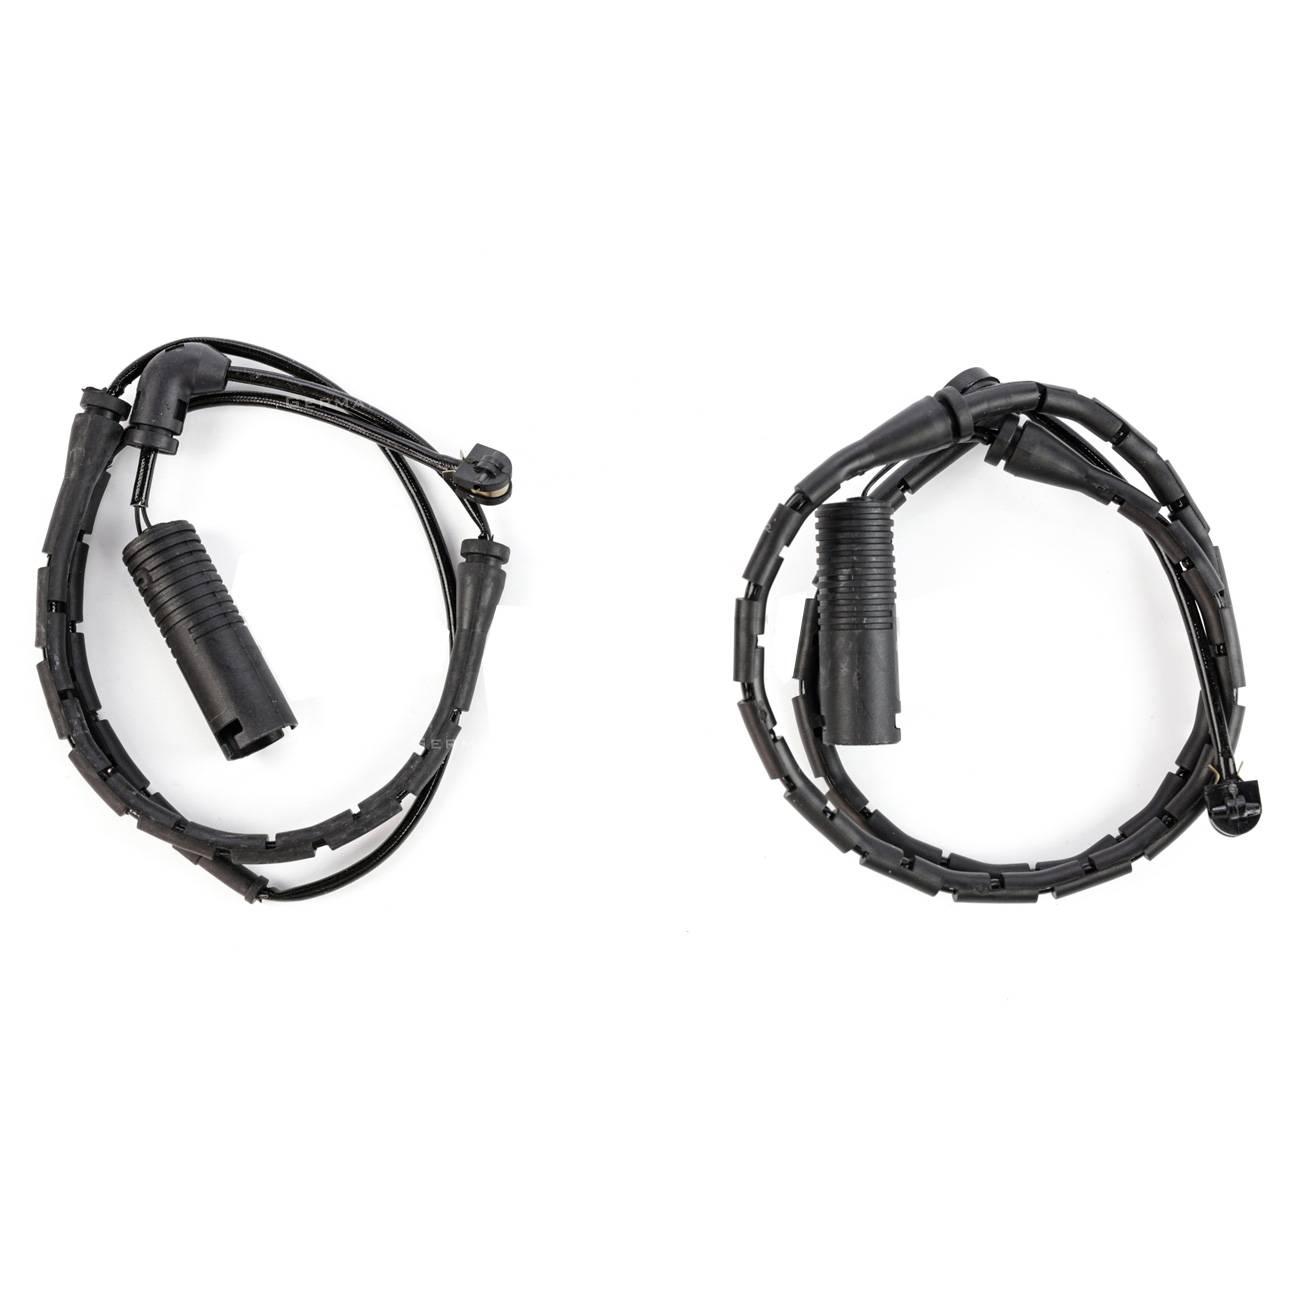 34351165580 Rear Brake Pad Wear Sensors for BMW E53 X5 2000-2006 Bapmic 34351165579 Front